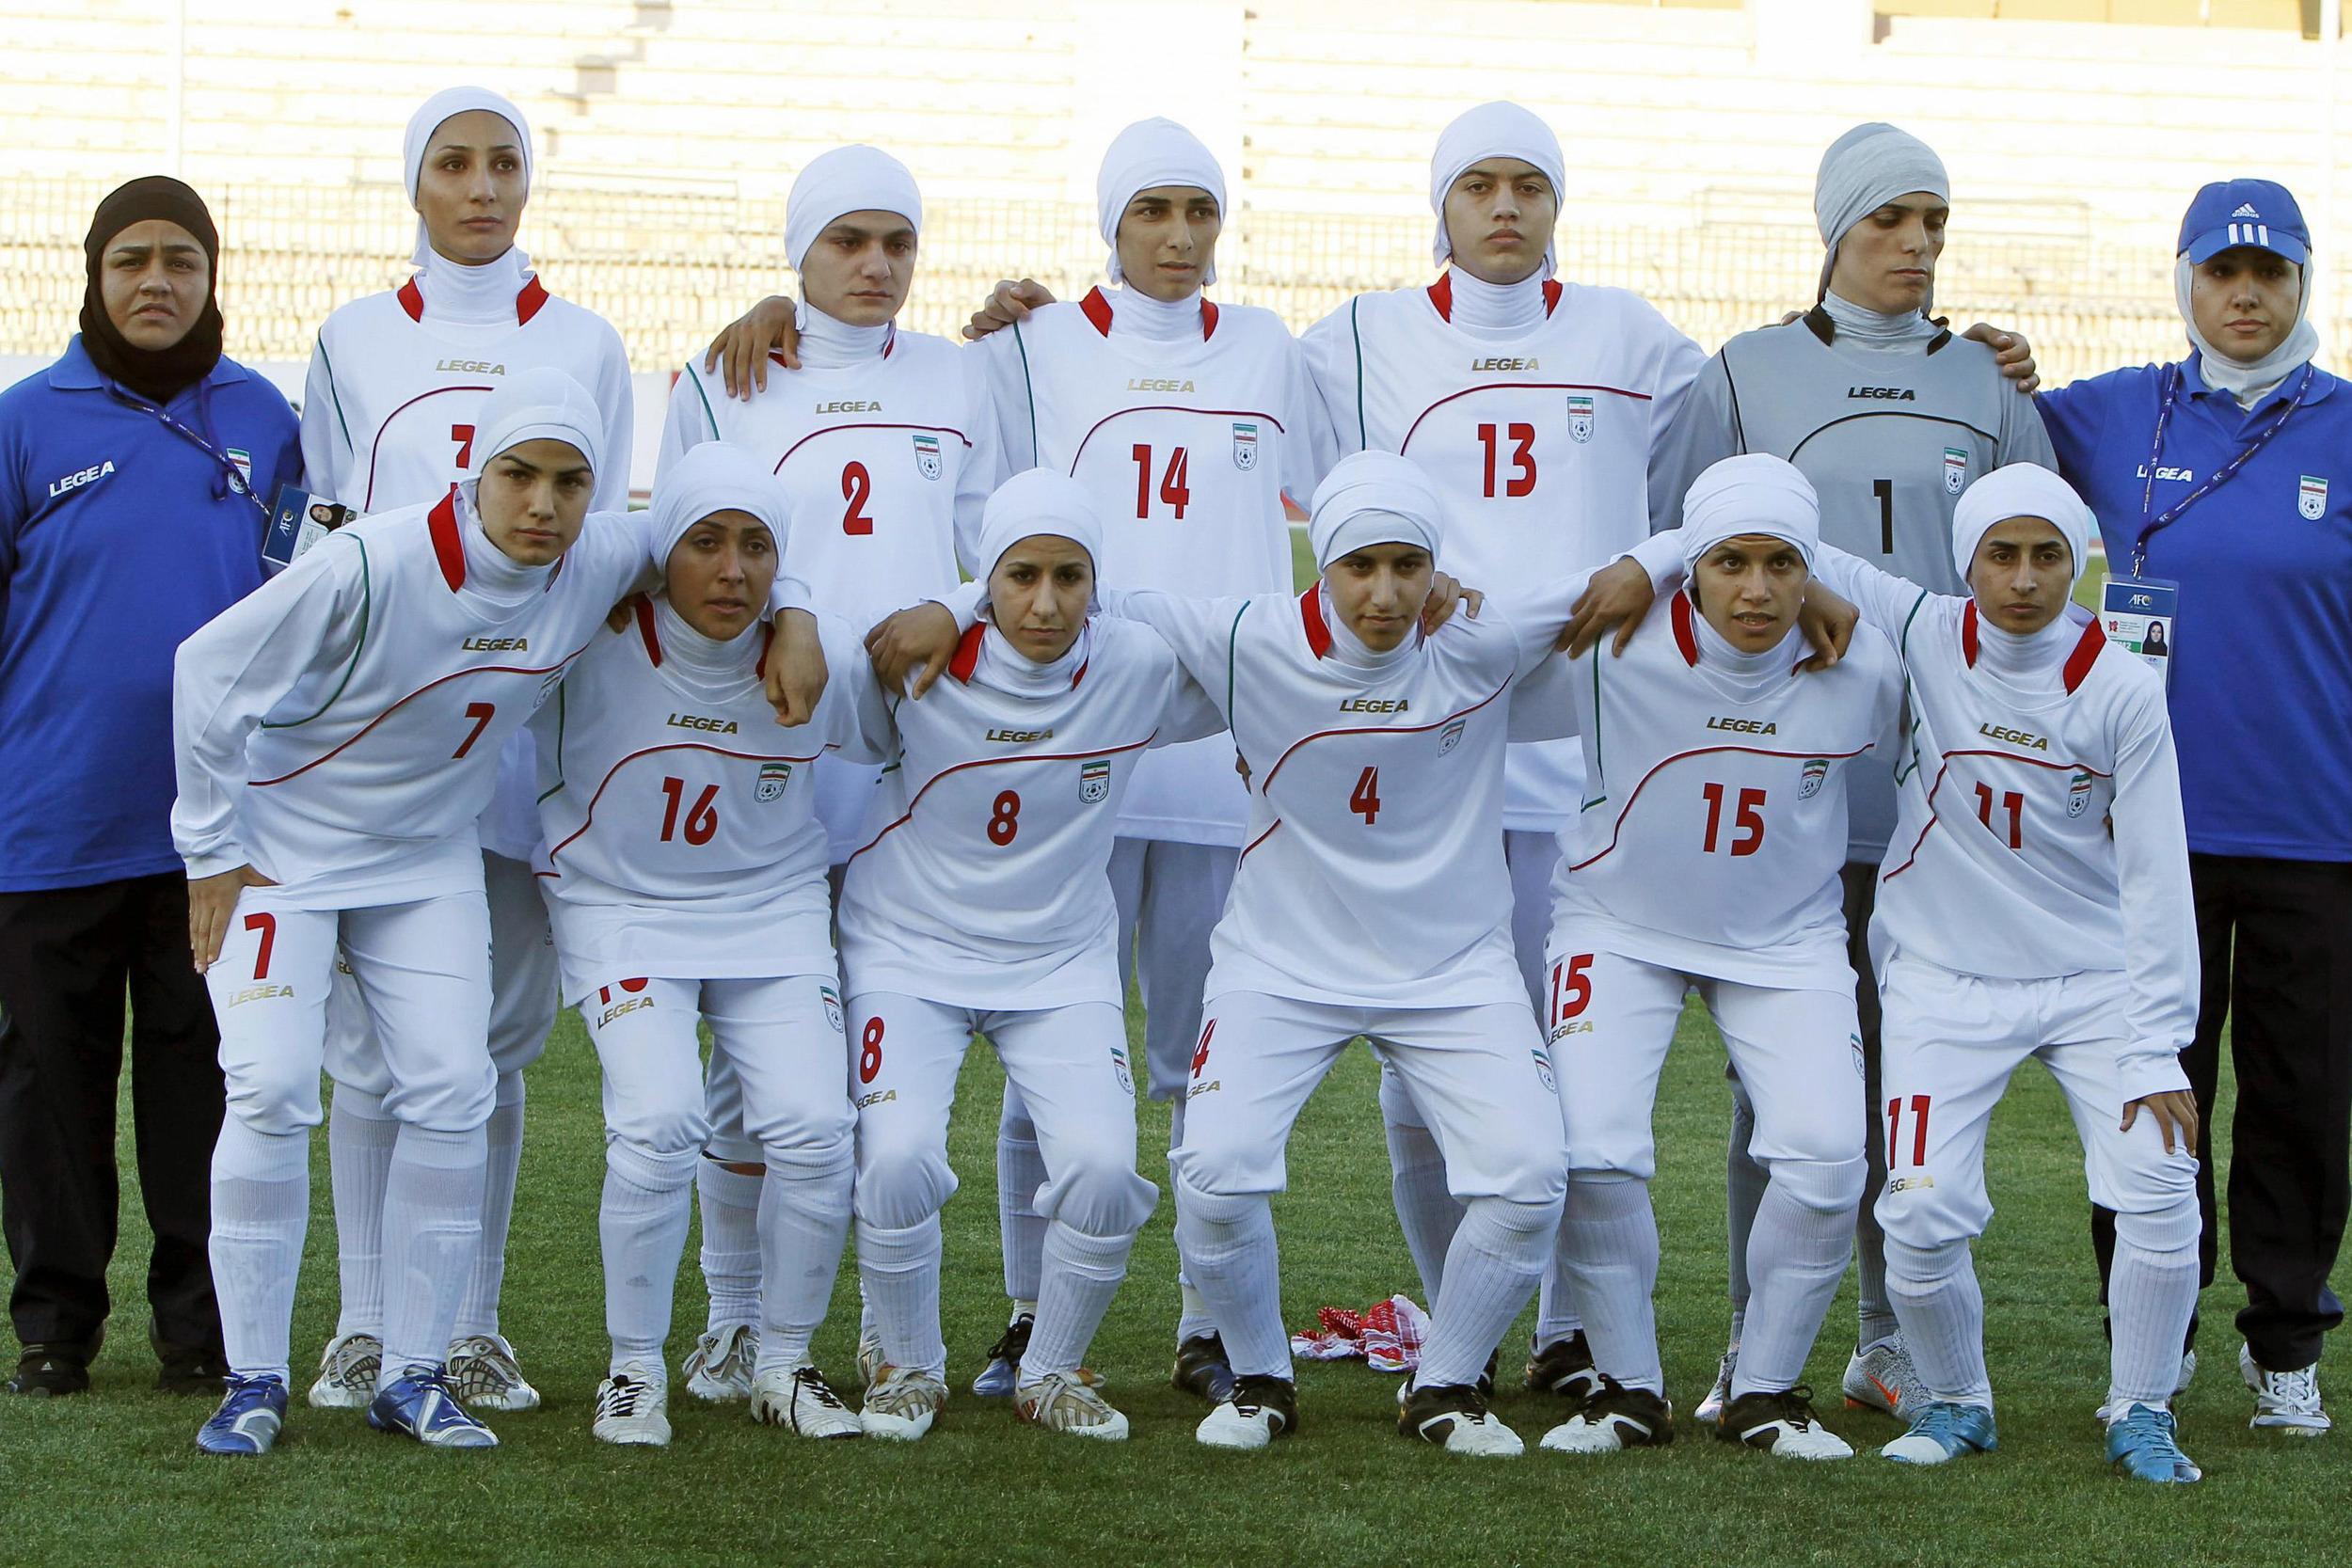 Iran women's football team. Photo by Ali Jarekji/Reuters